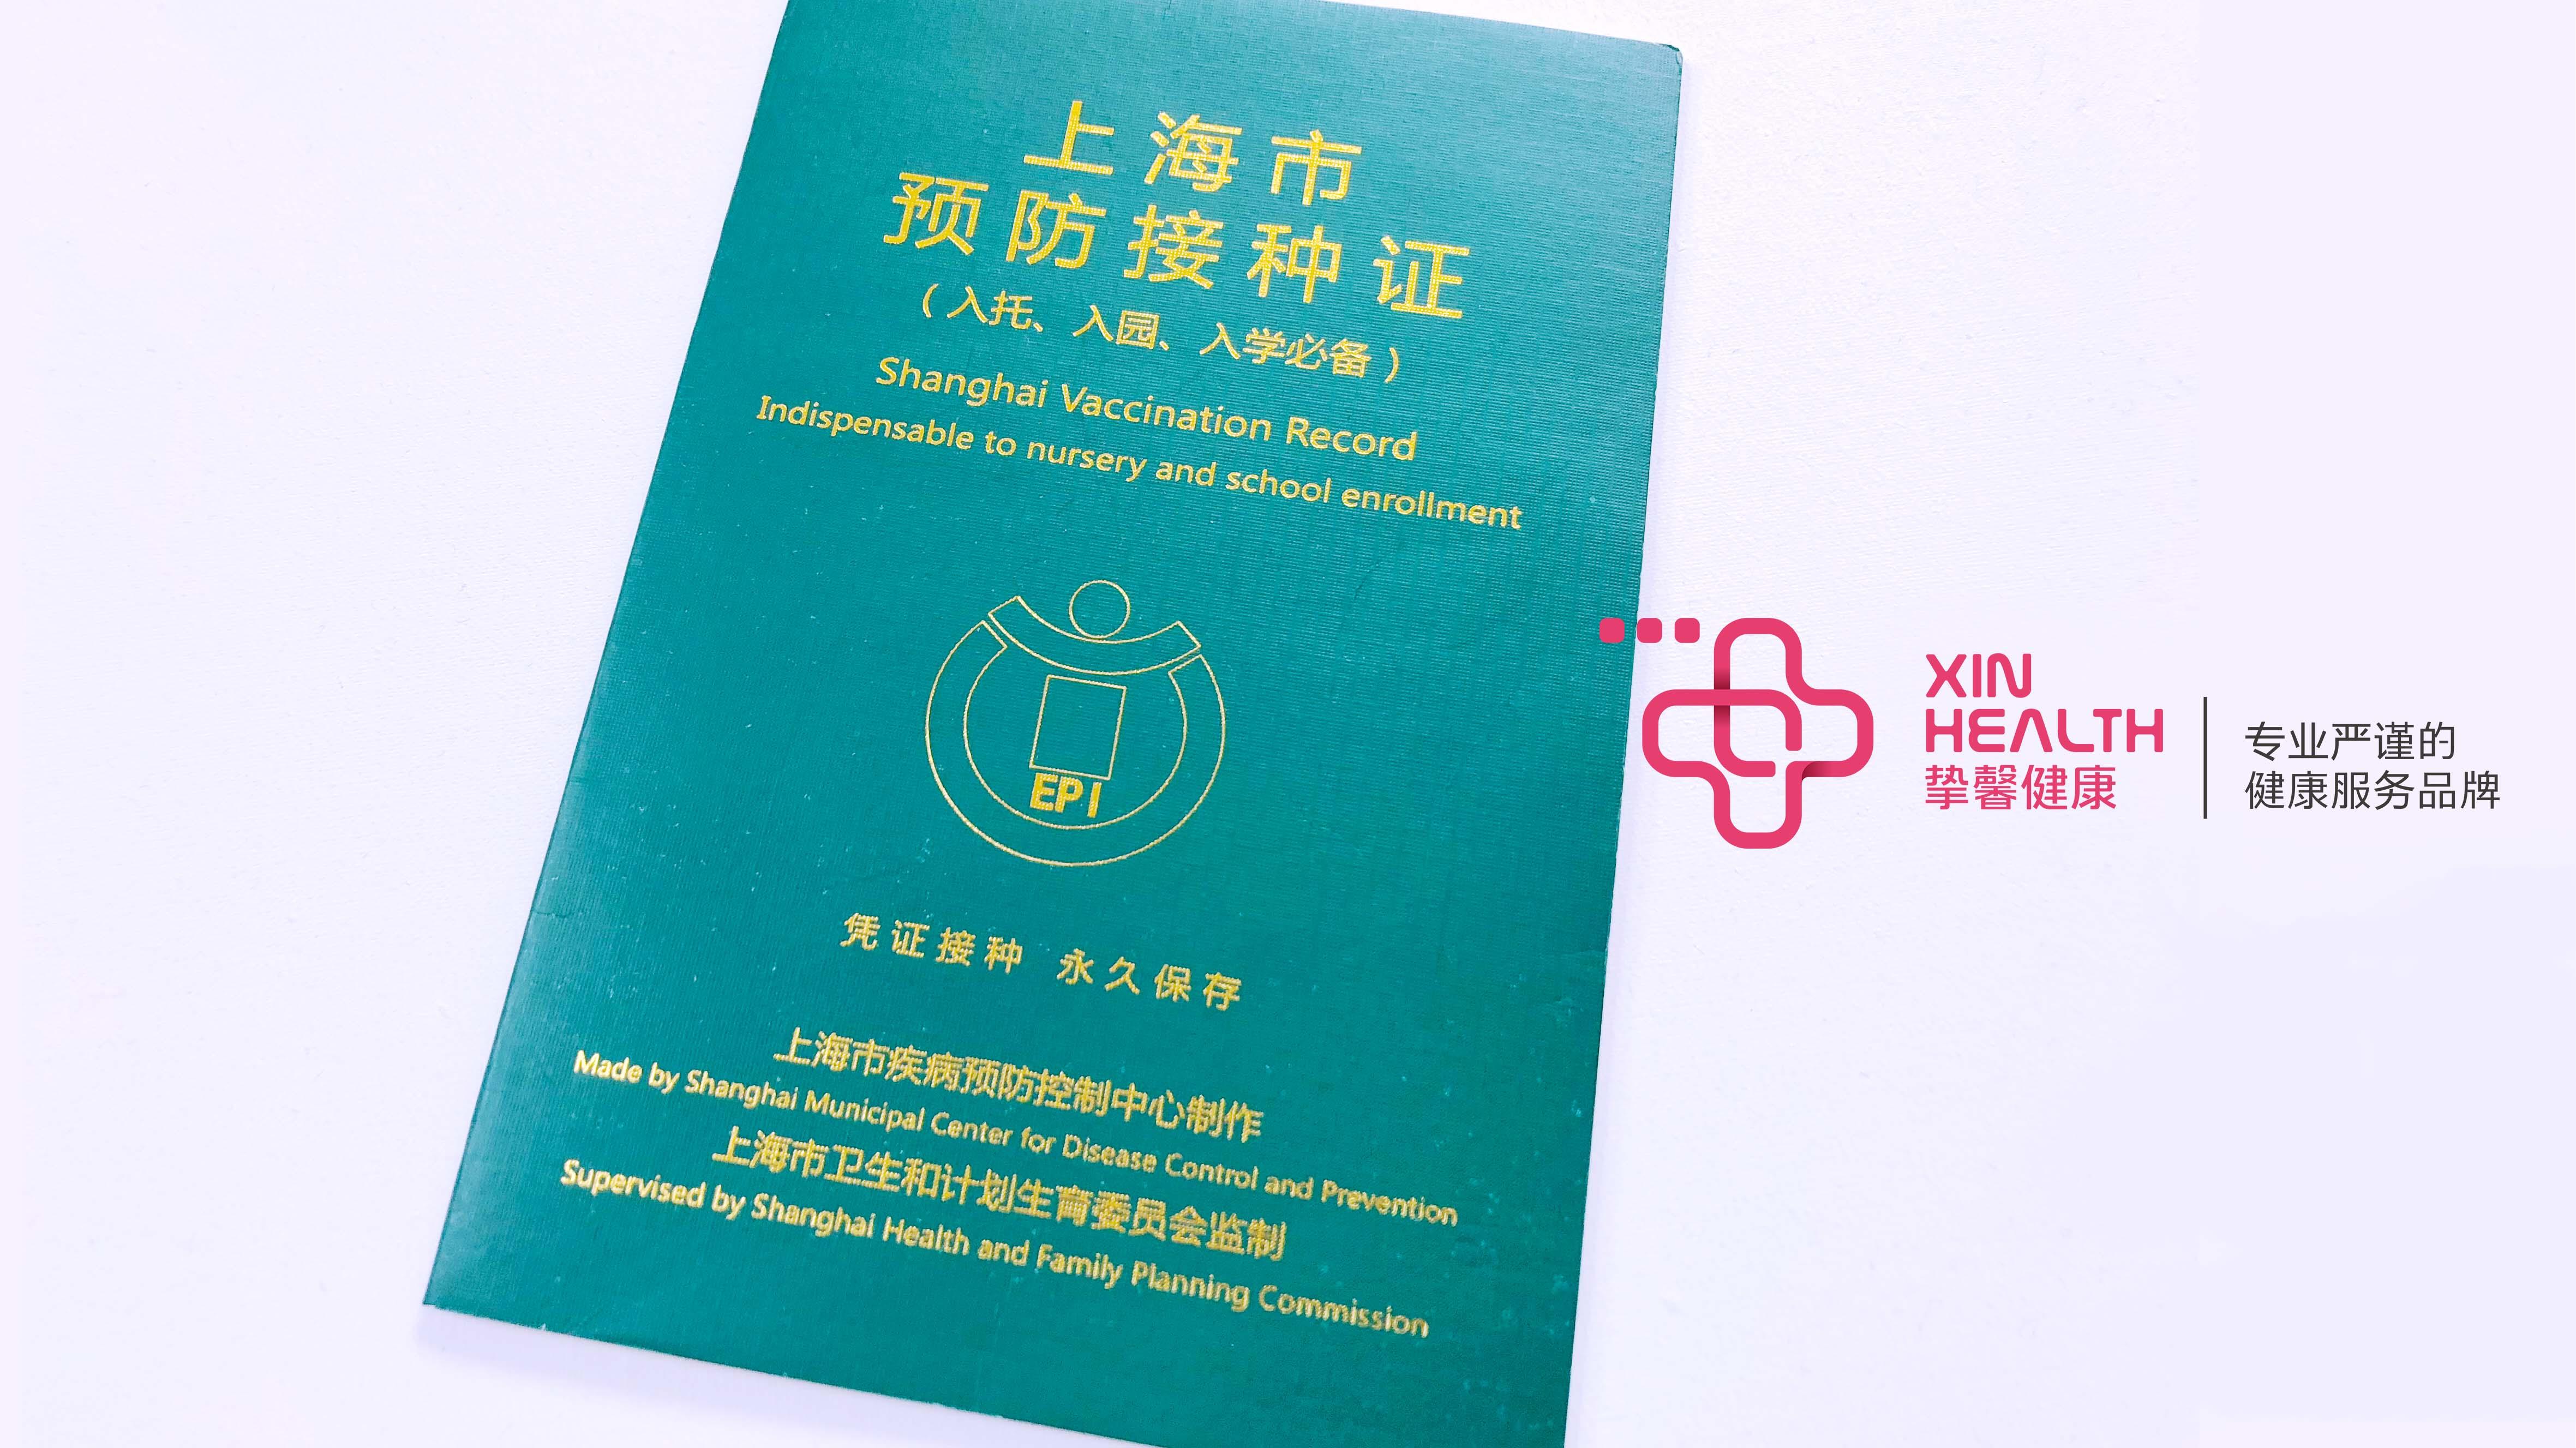 上海市预防接种证 新生儿疫苗接种记录